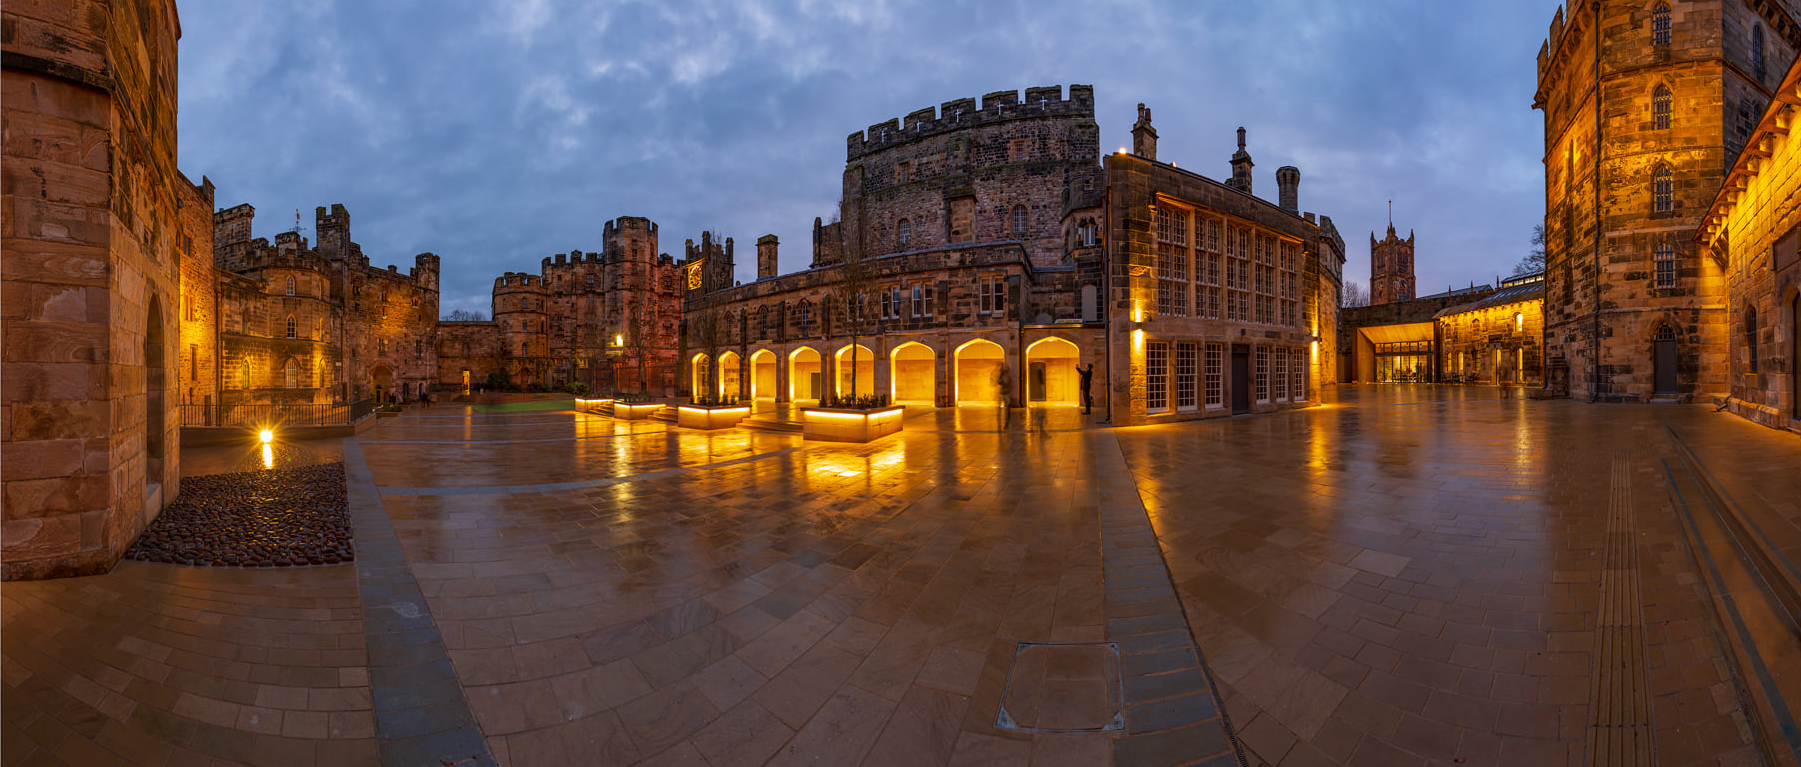 Lancaster Castle Courtyard